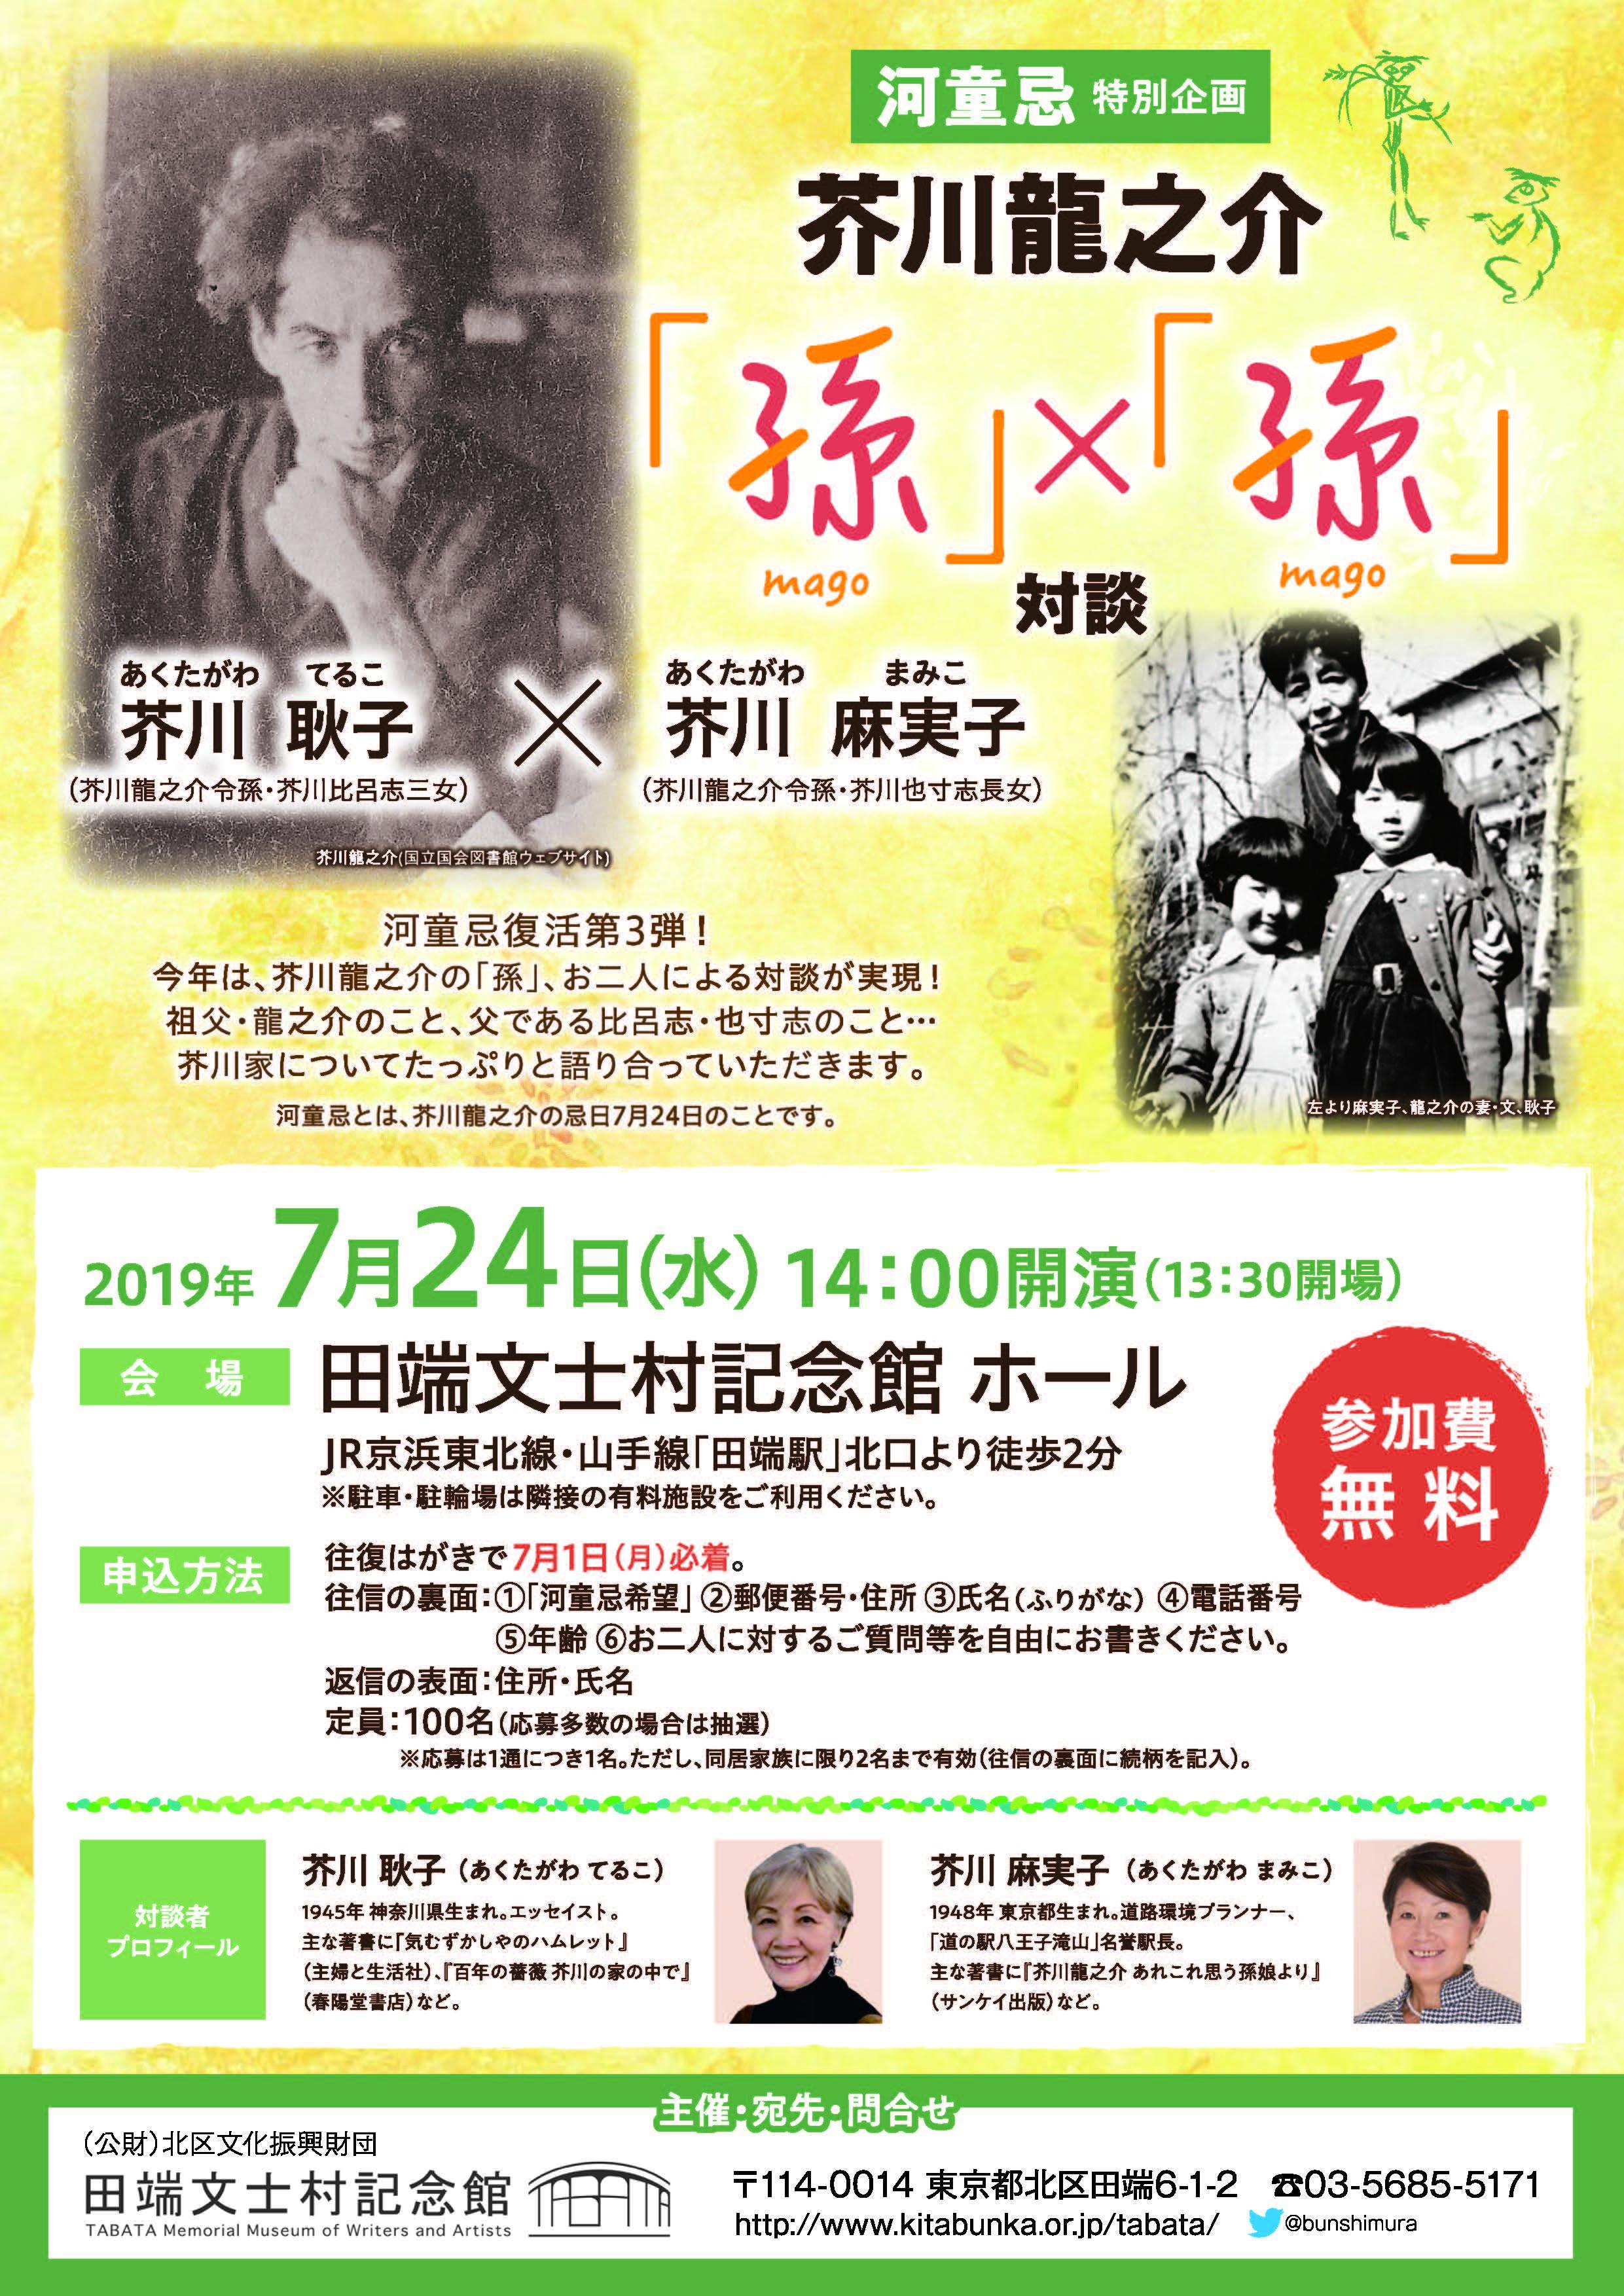 芥川龍之介「孫 mago」×「孫 mago」対談 : 北区文化振興財団